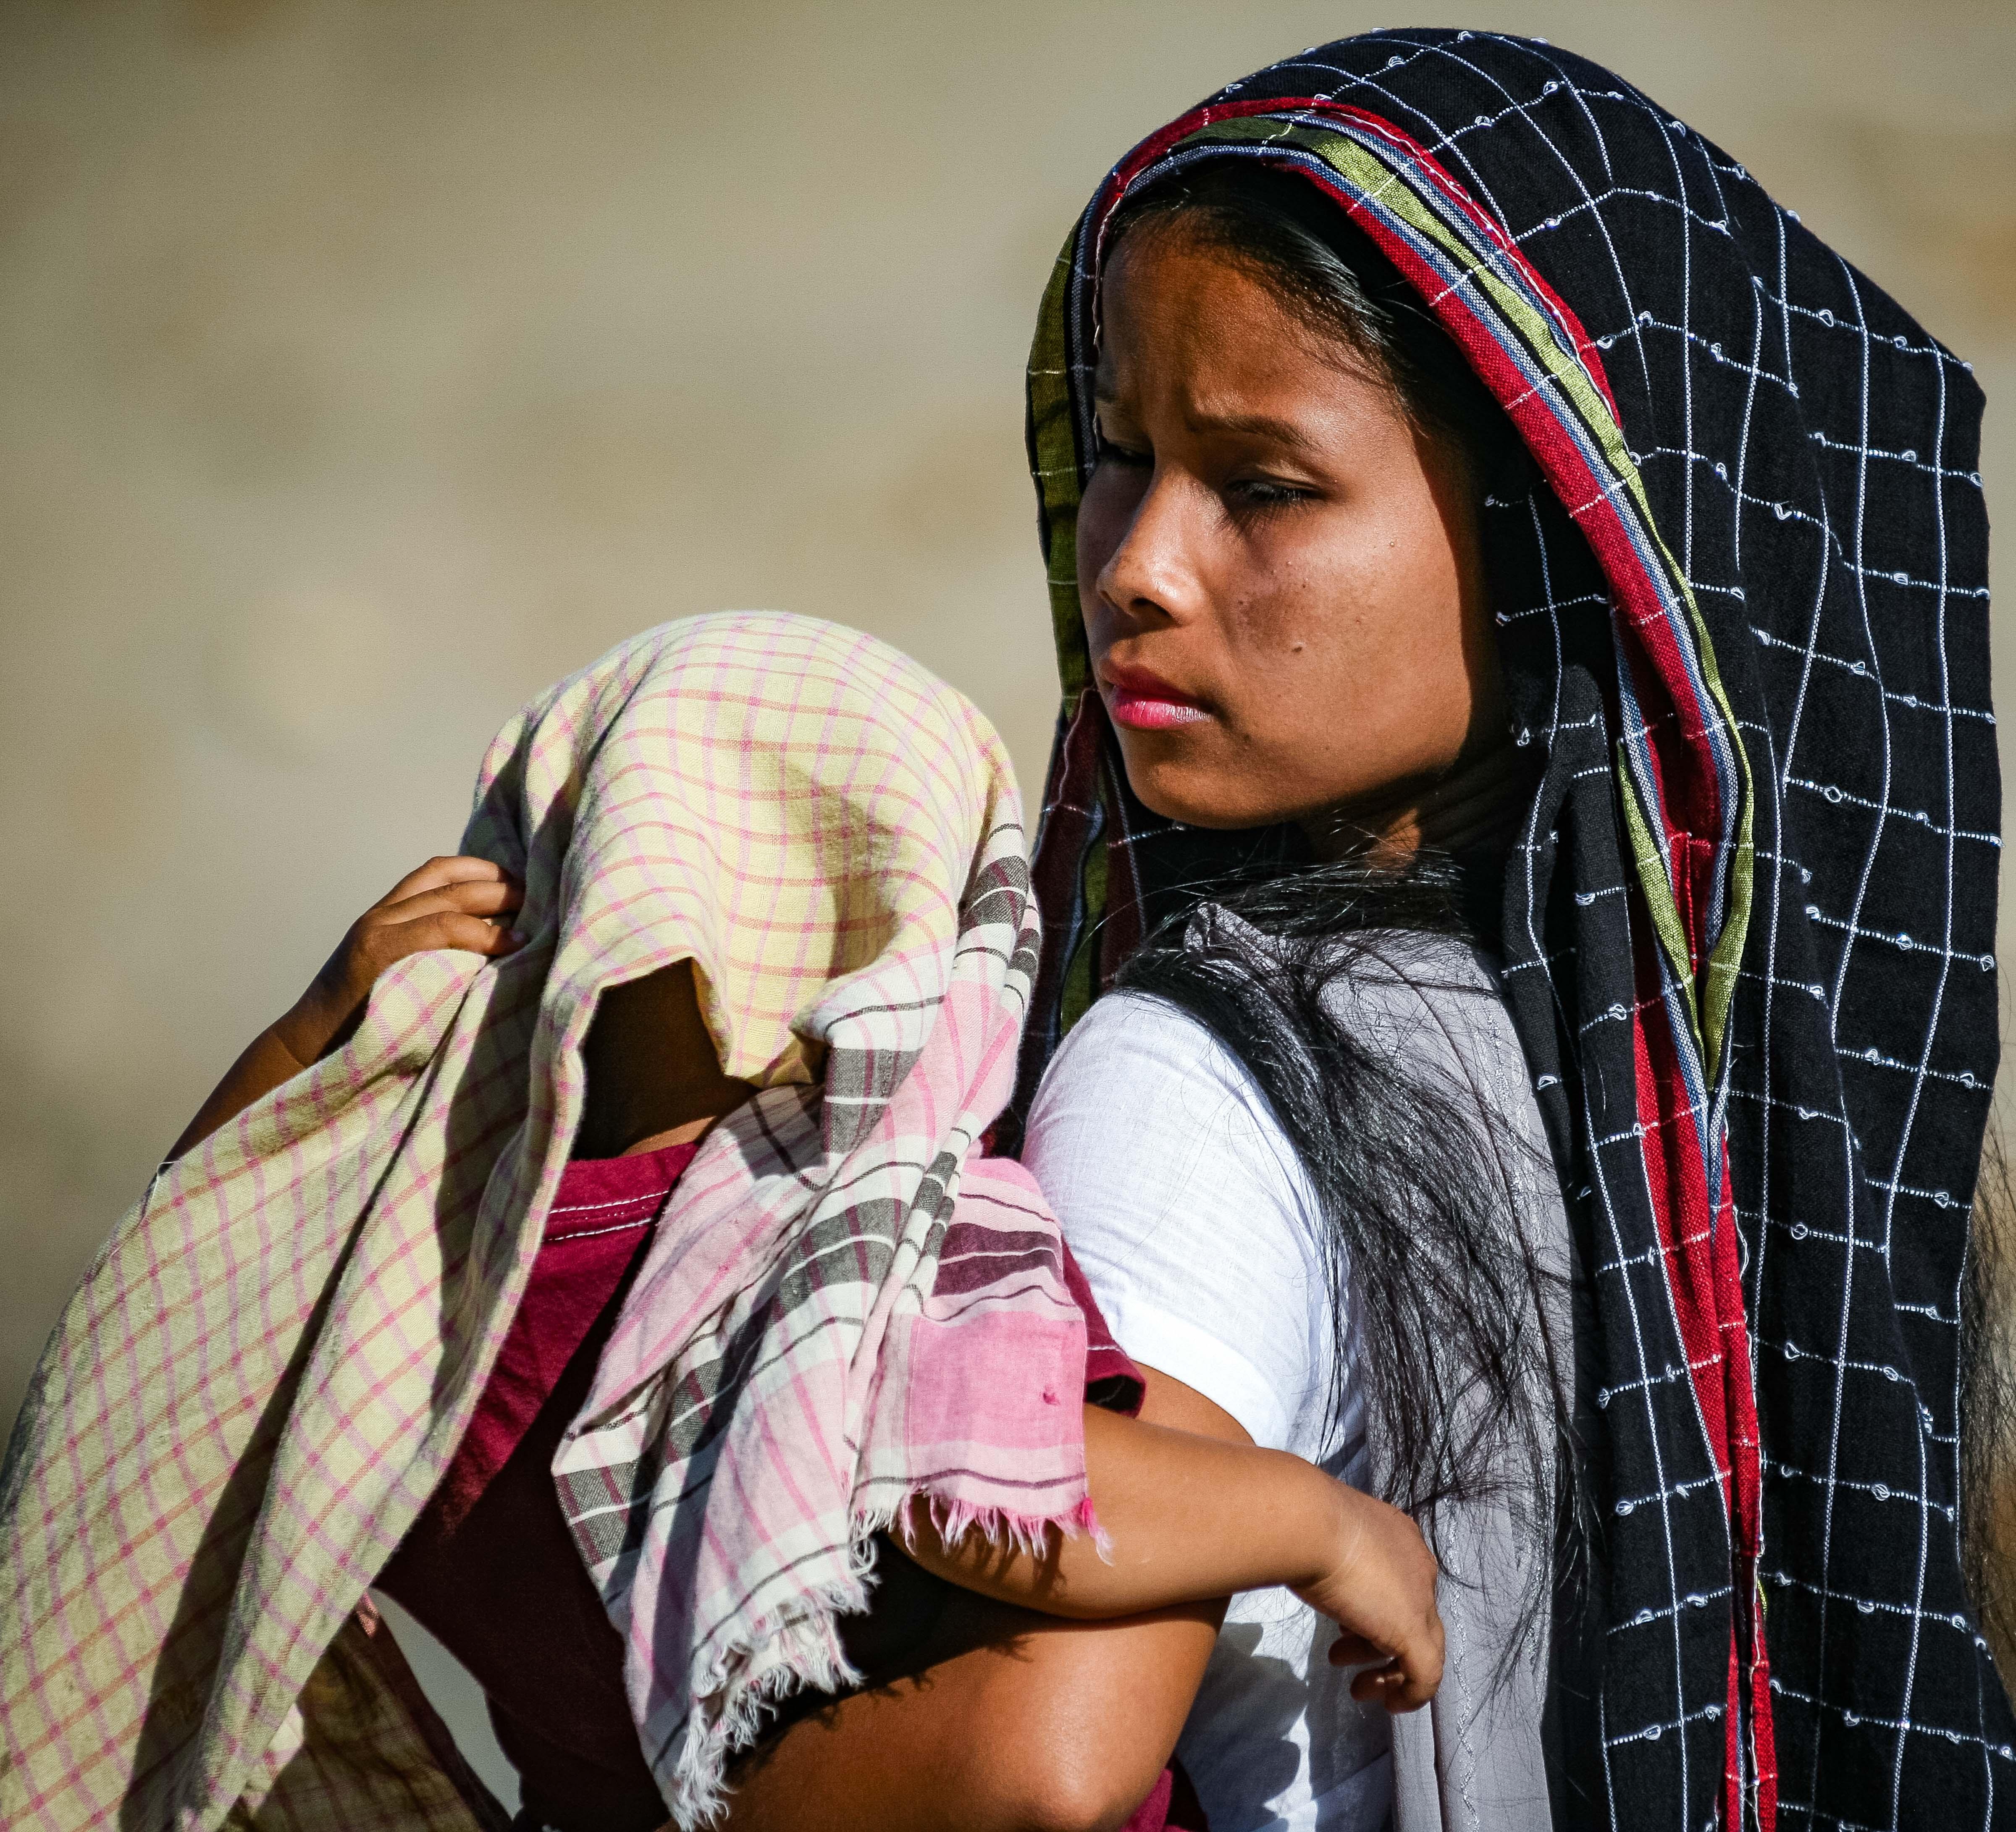 Bangladesh, Sylhet Prov, Young Girl with Baby, 2009, IMG 8238